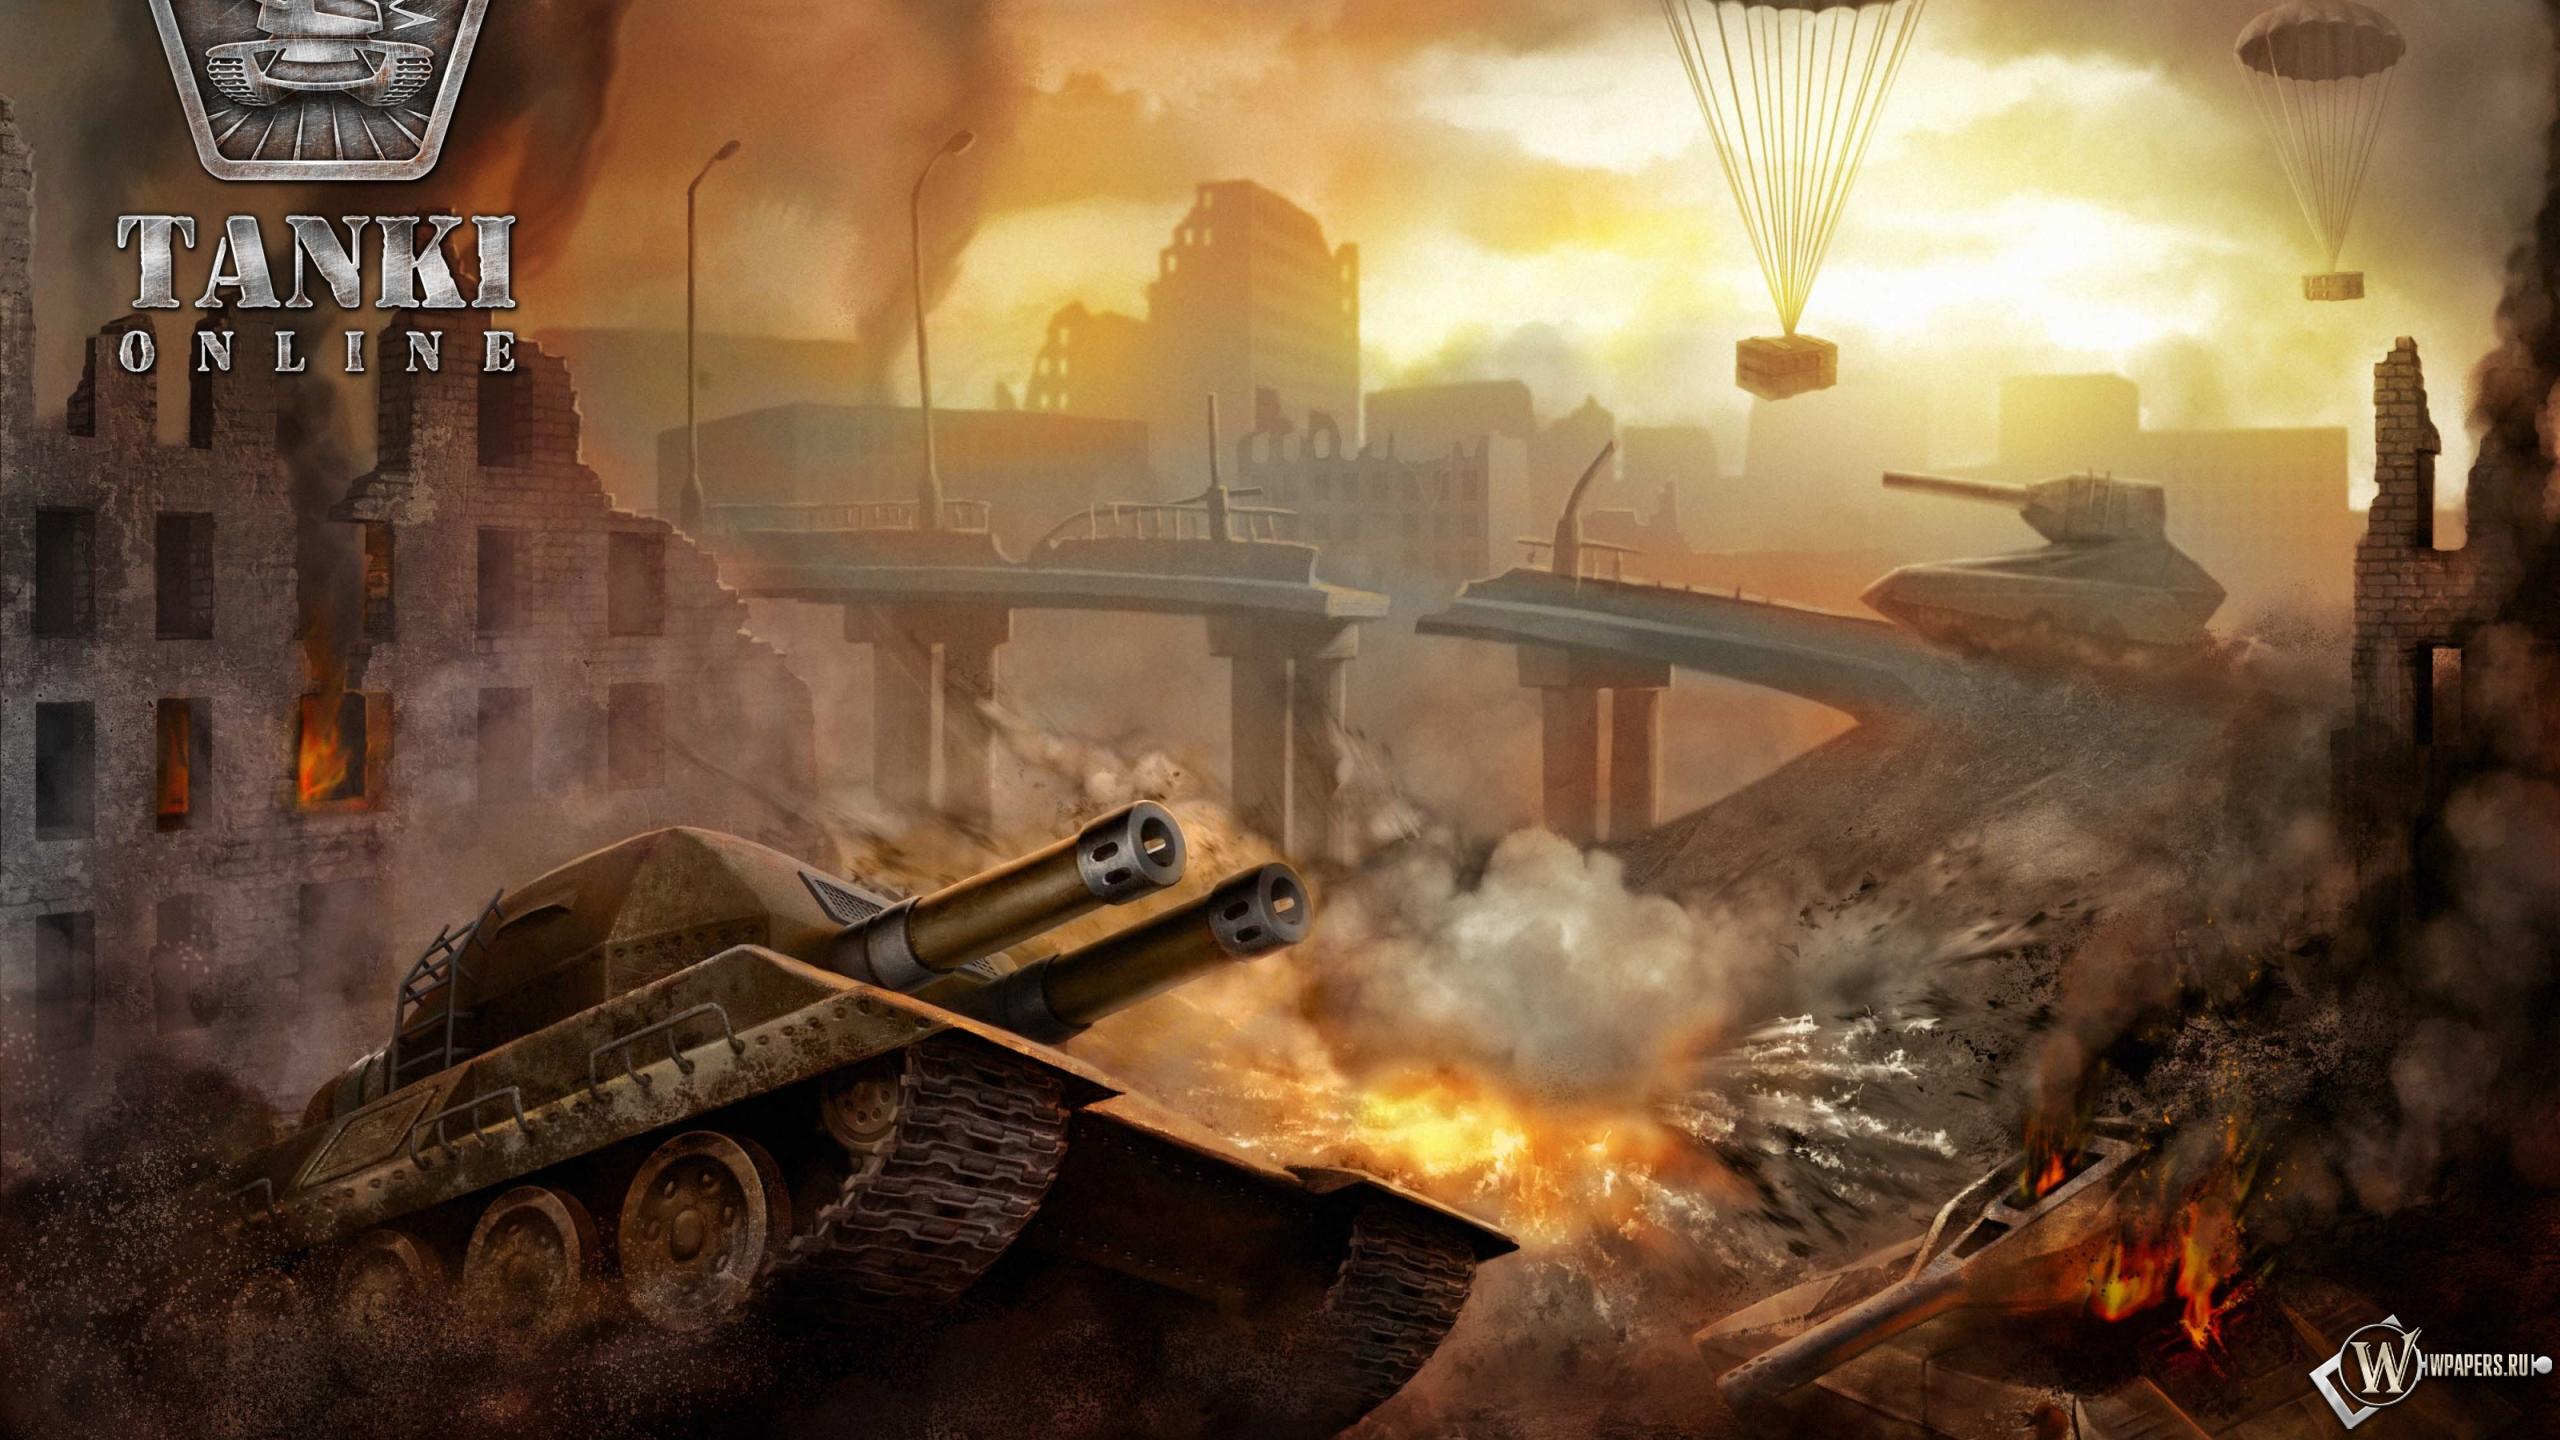 Скачать обои для рабочего стола бесплатно танки